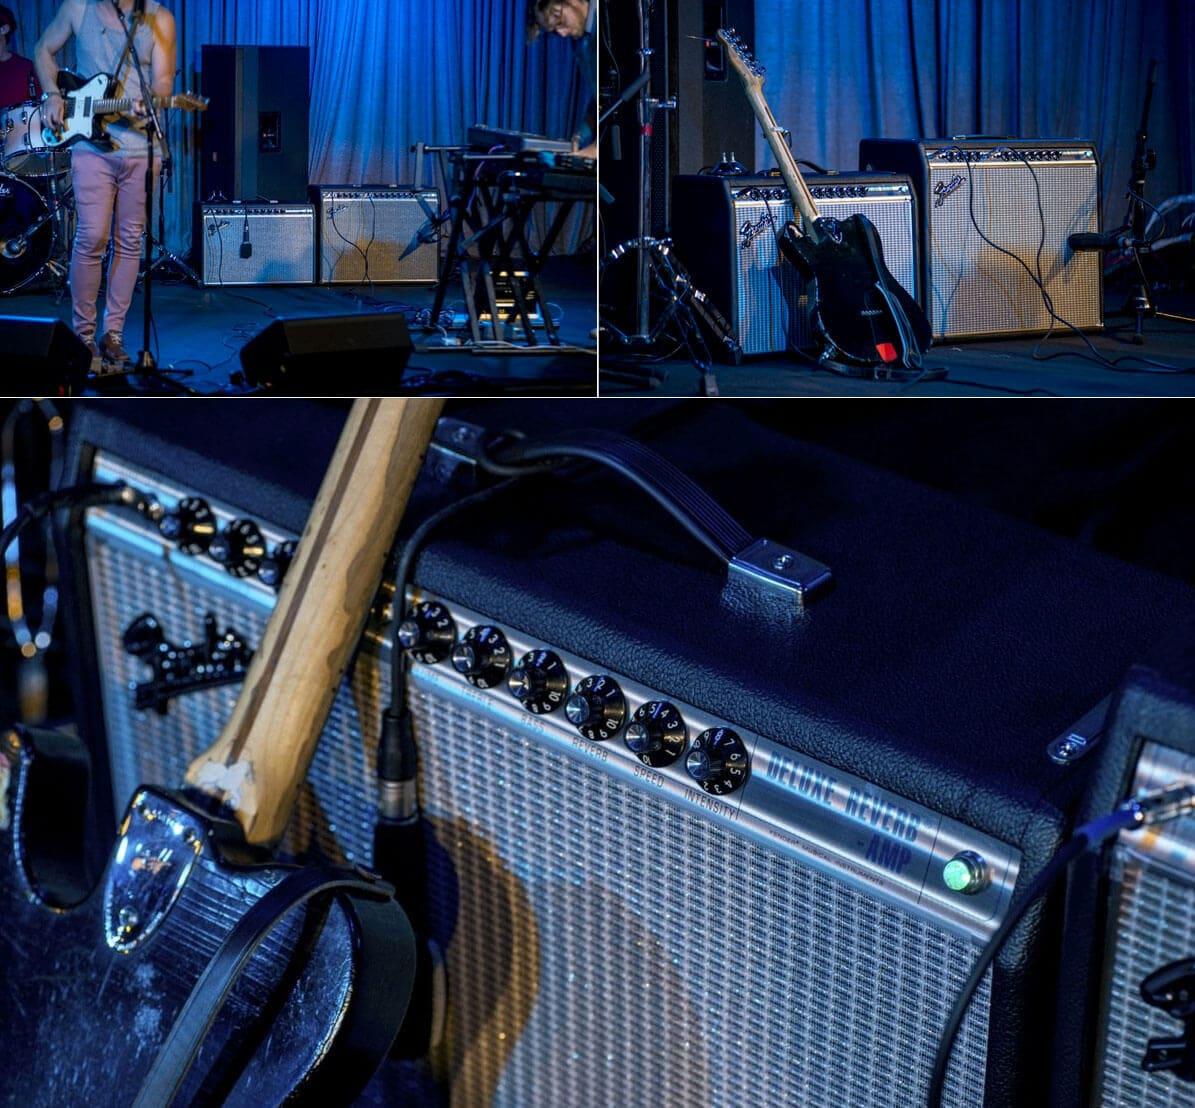 รีวิวลำโพง Fender คู่แรกจากตำนานแห่งวงการดนตรี Monterey™ & Newport™ 30 - fender